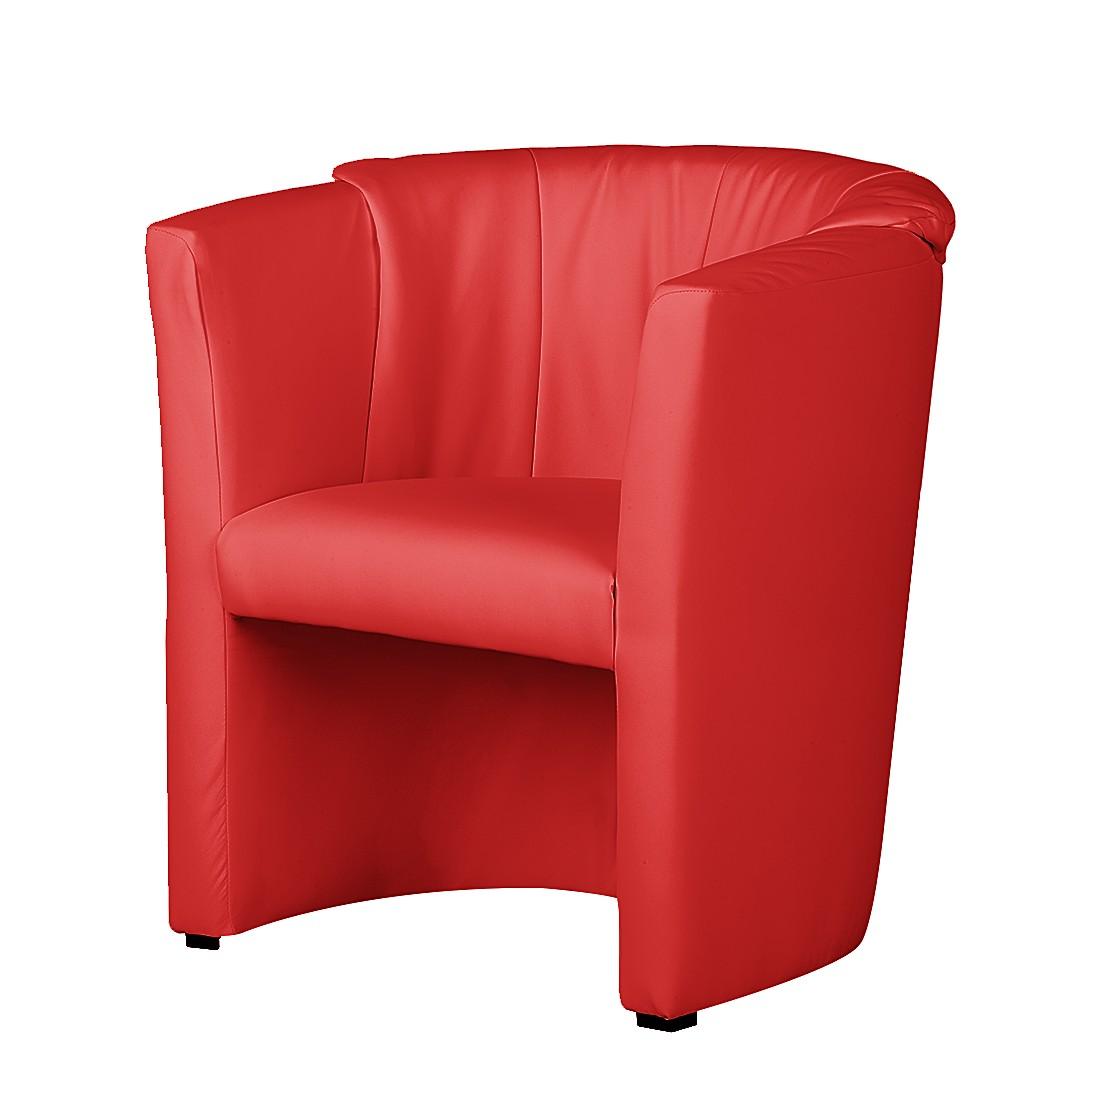 Sessel Rex – Kunstleder Rot, mooved jetzt bestellen